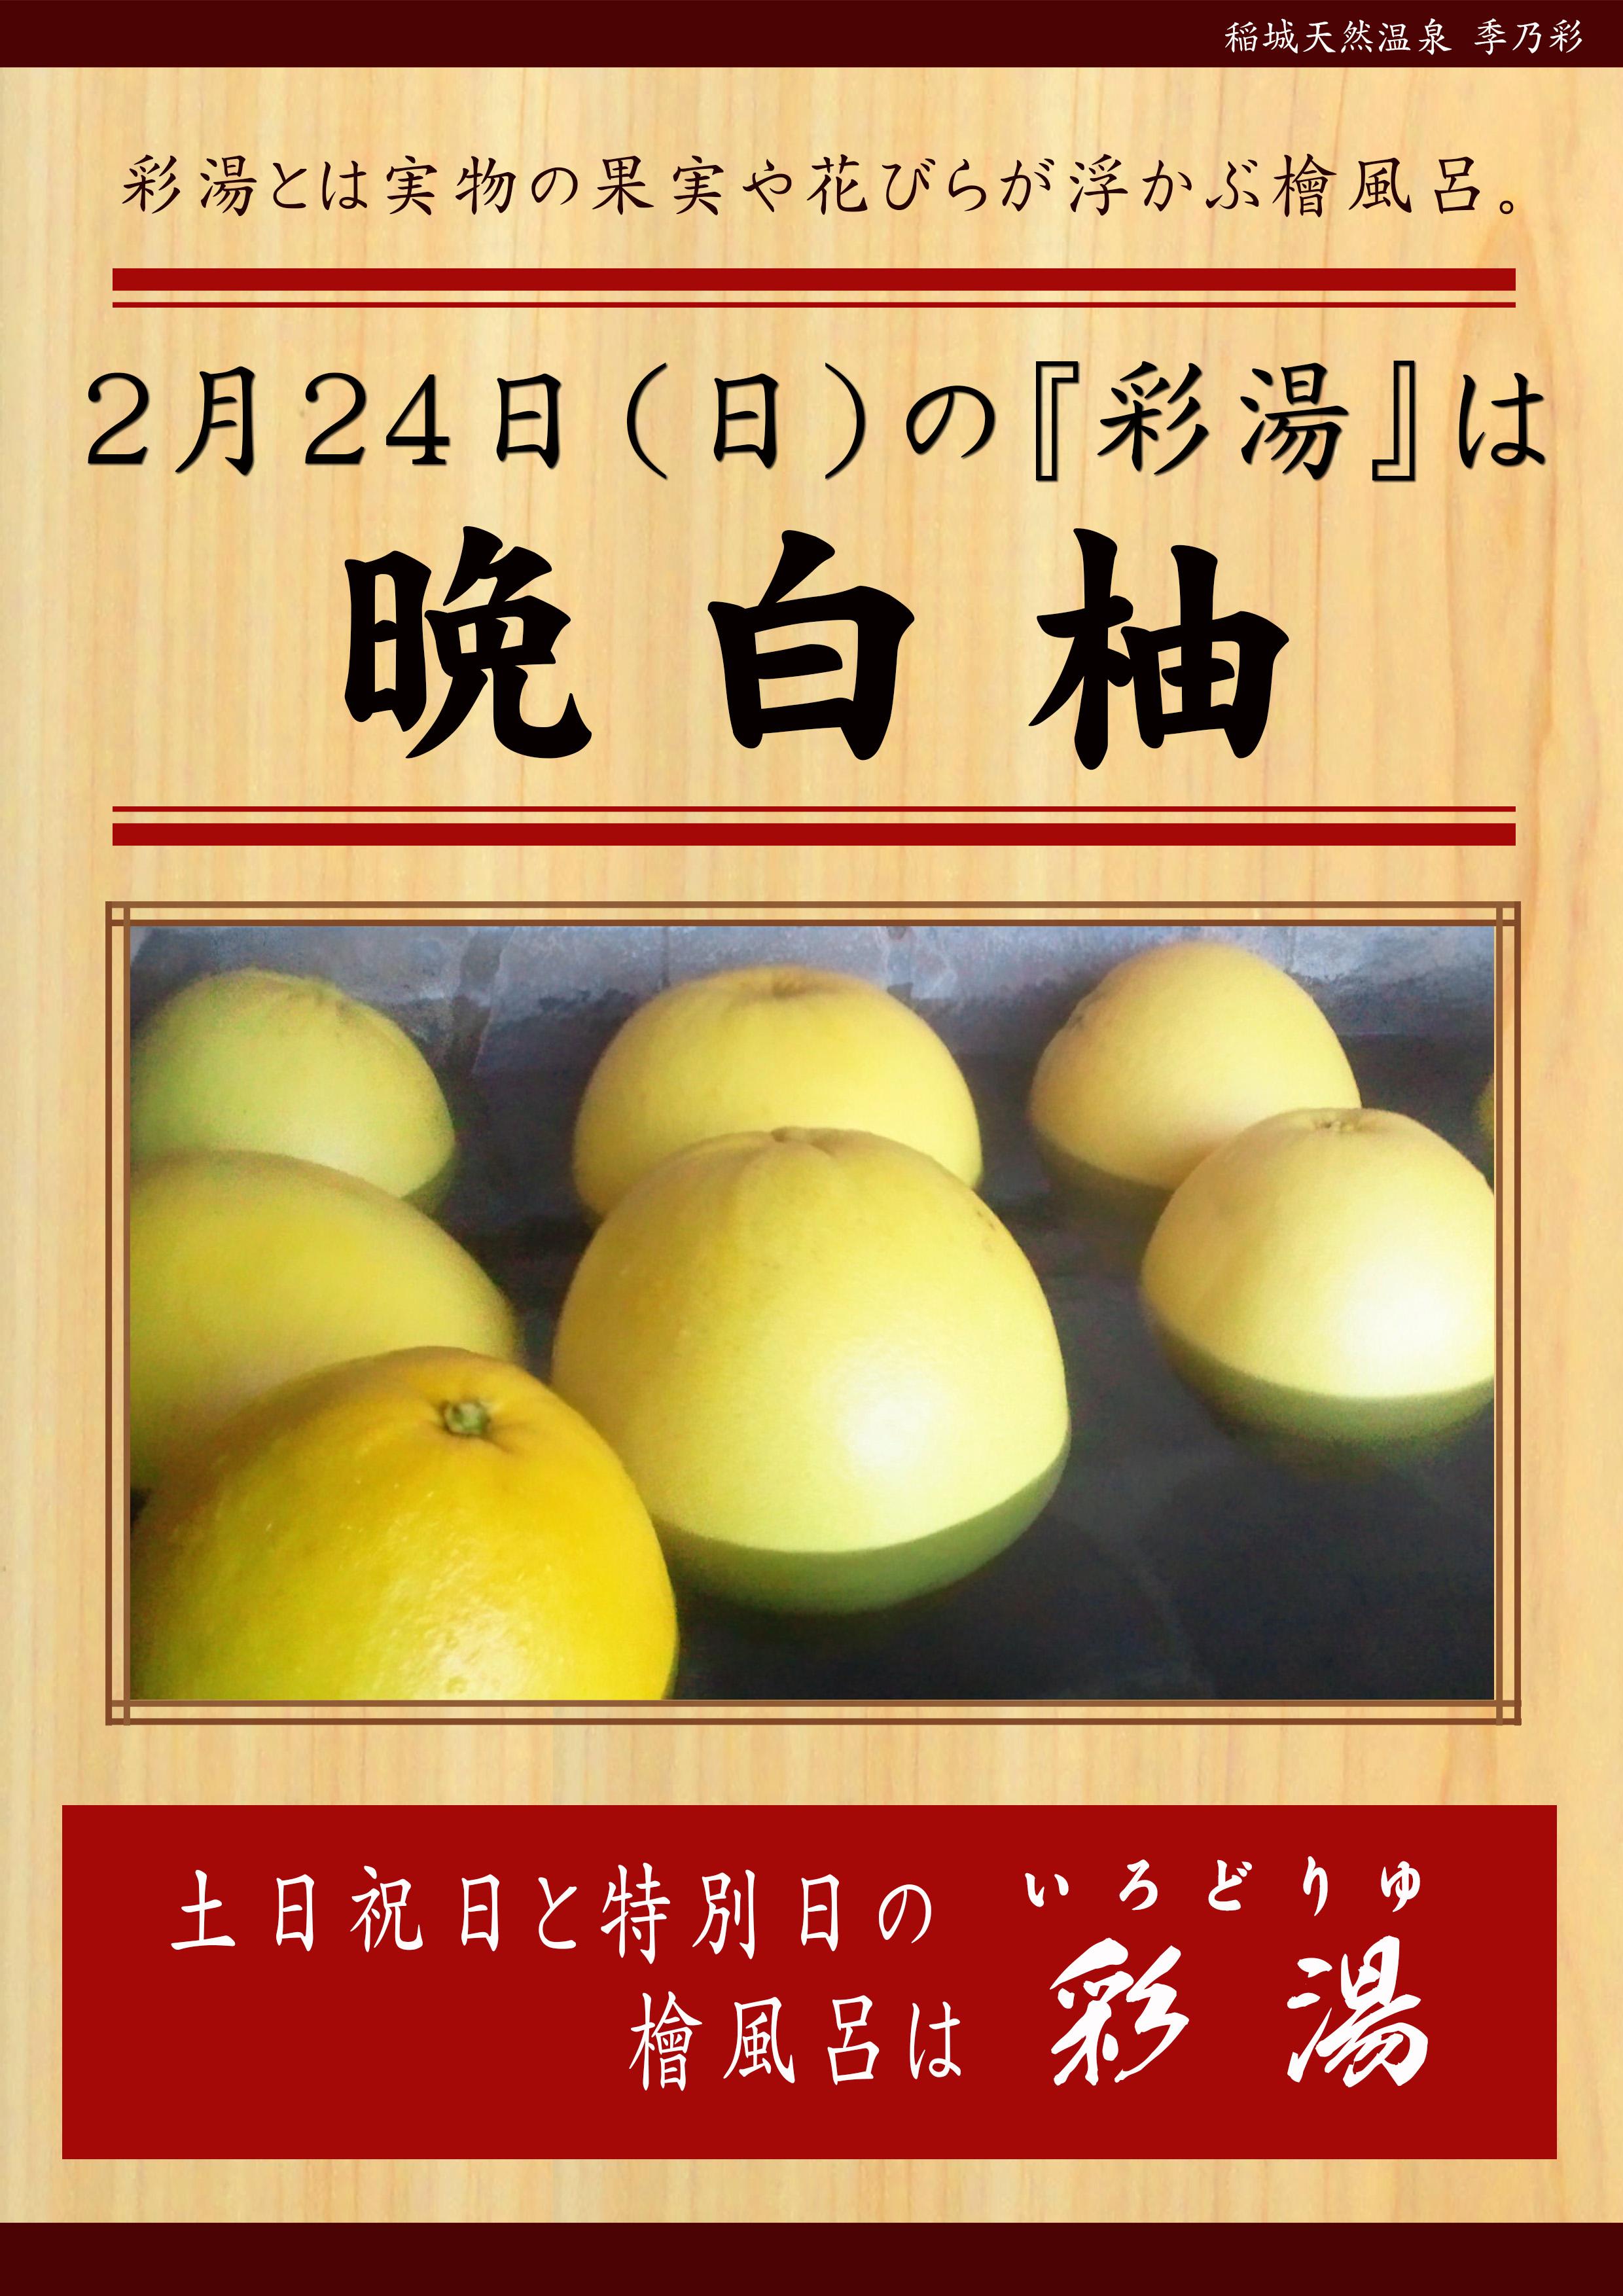 20190224 POP イベント 彩湯 晩白柚